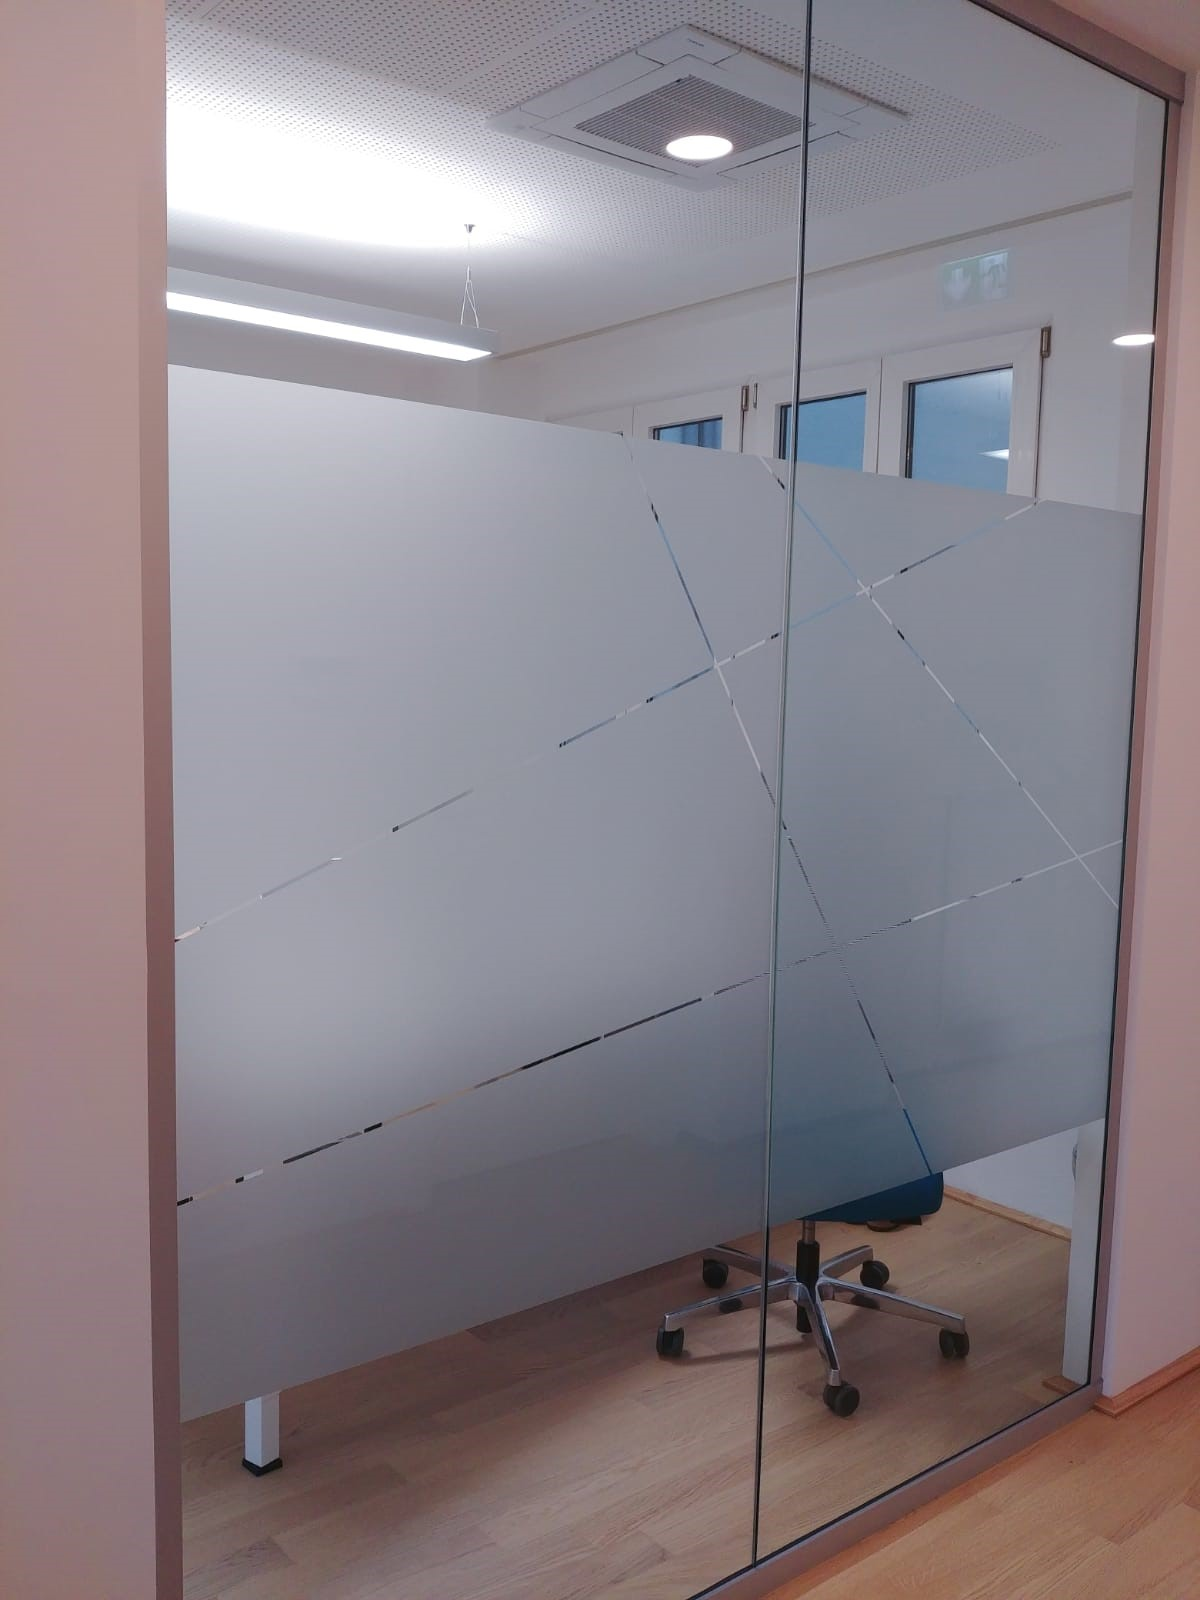 Milchglasfolie auf Glas mit Sichtschutz